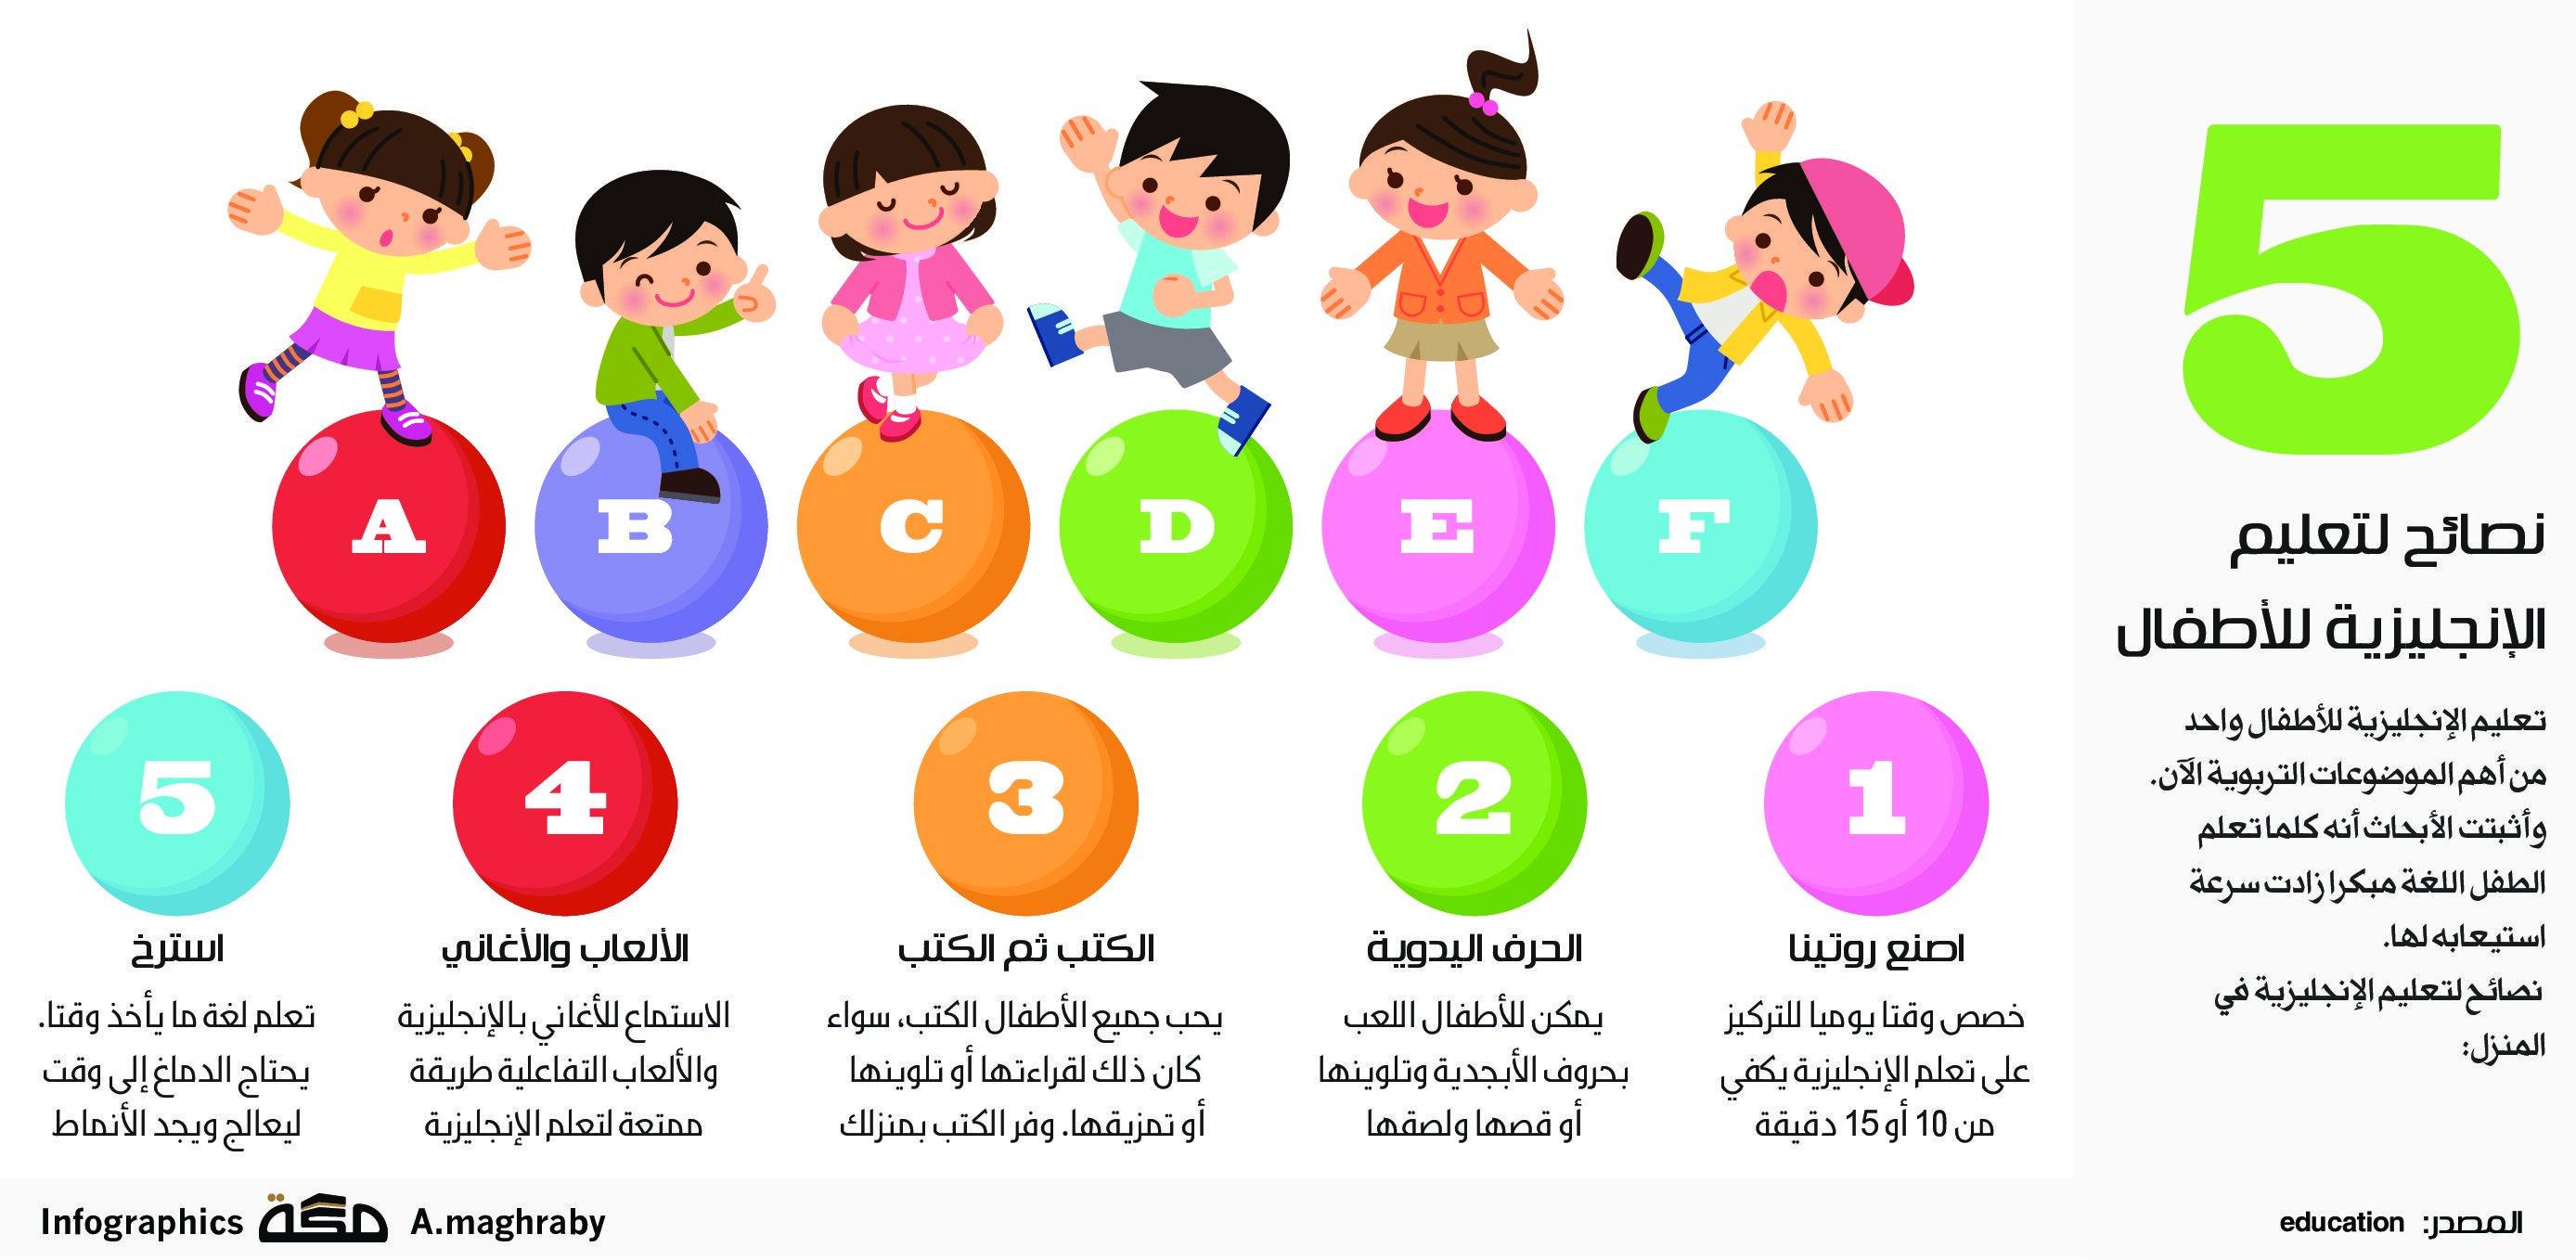 5 نصائح لتعليم الإنجليزية للأطفال صحيفة مكة انفوجرافيك منوعات Infographic Words Word Search Puzzle